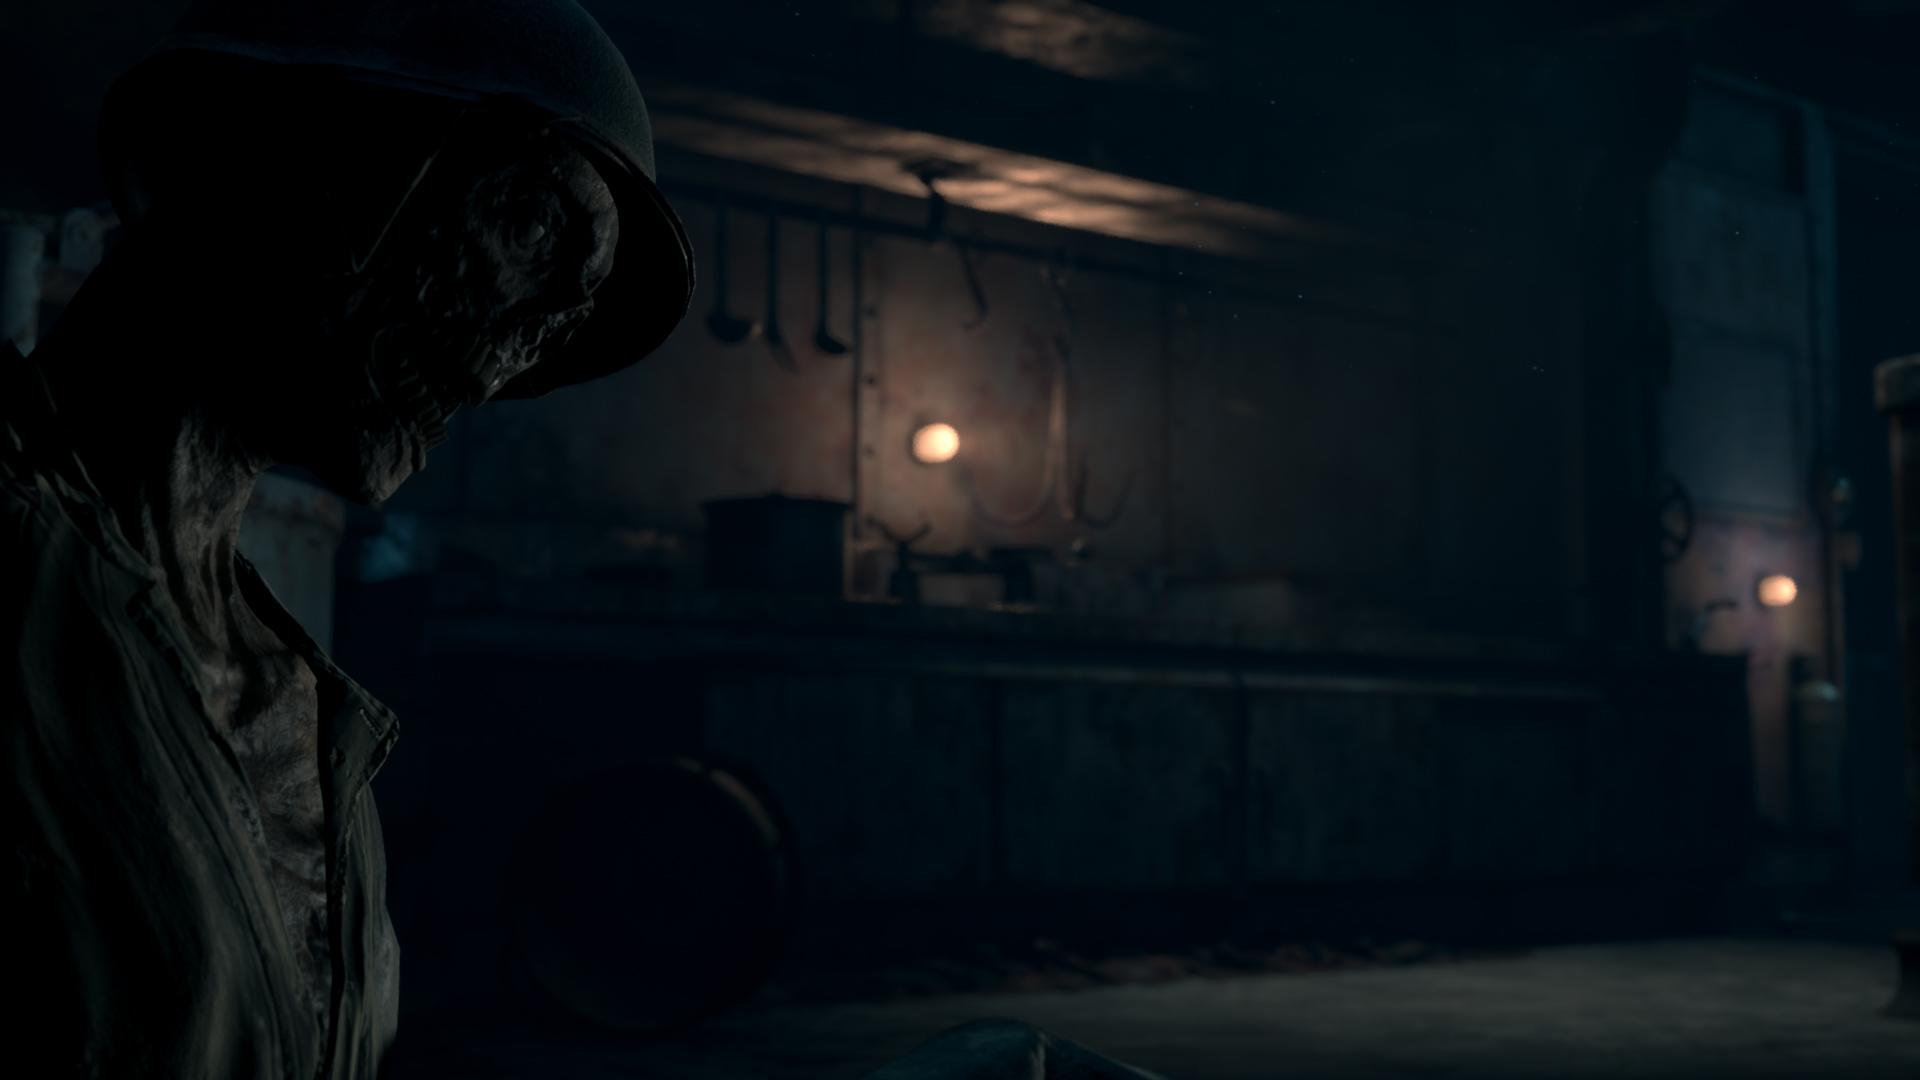 《黑相集:棉兰号》相片重刑位置一览